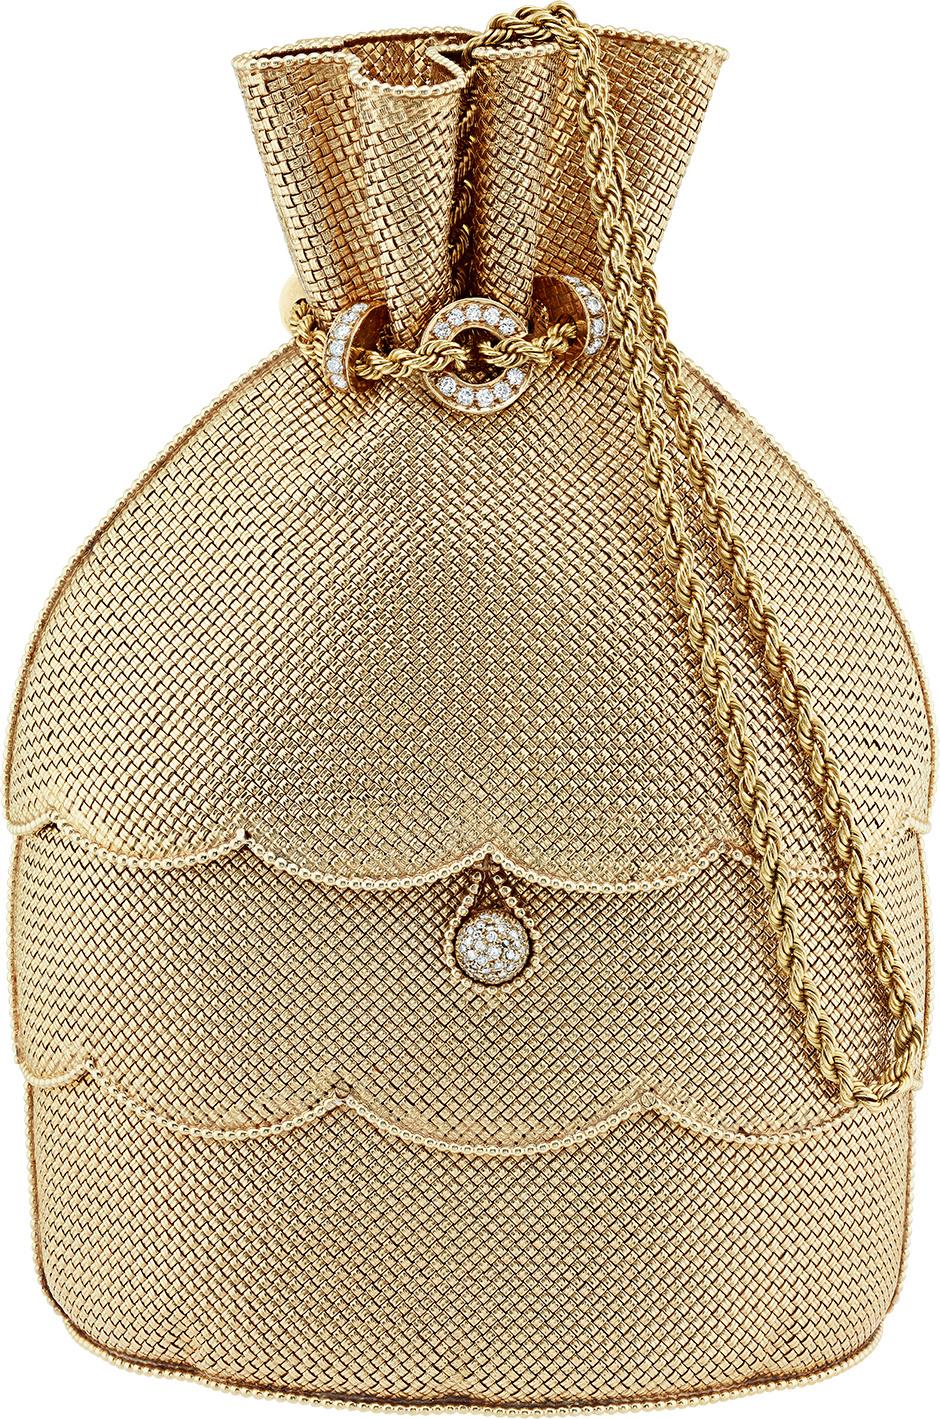 Вечерняя сумочка, cплетенная из золота, Van Cleef & Arpels, 1971 год.